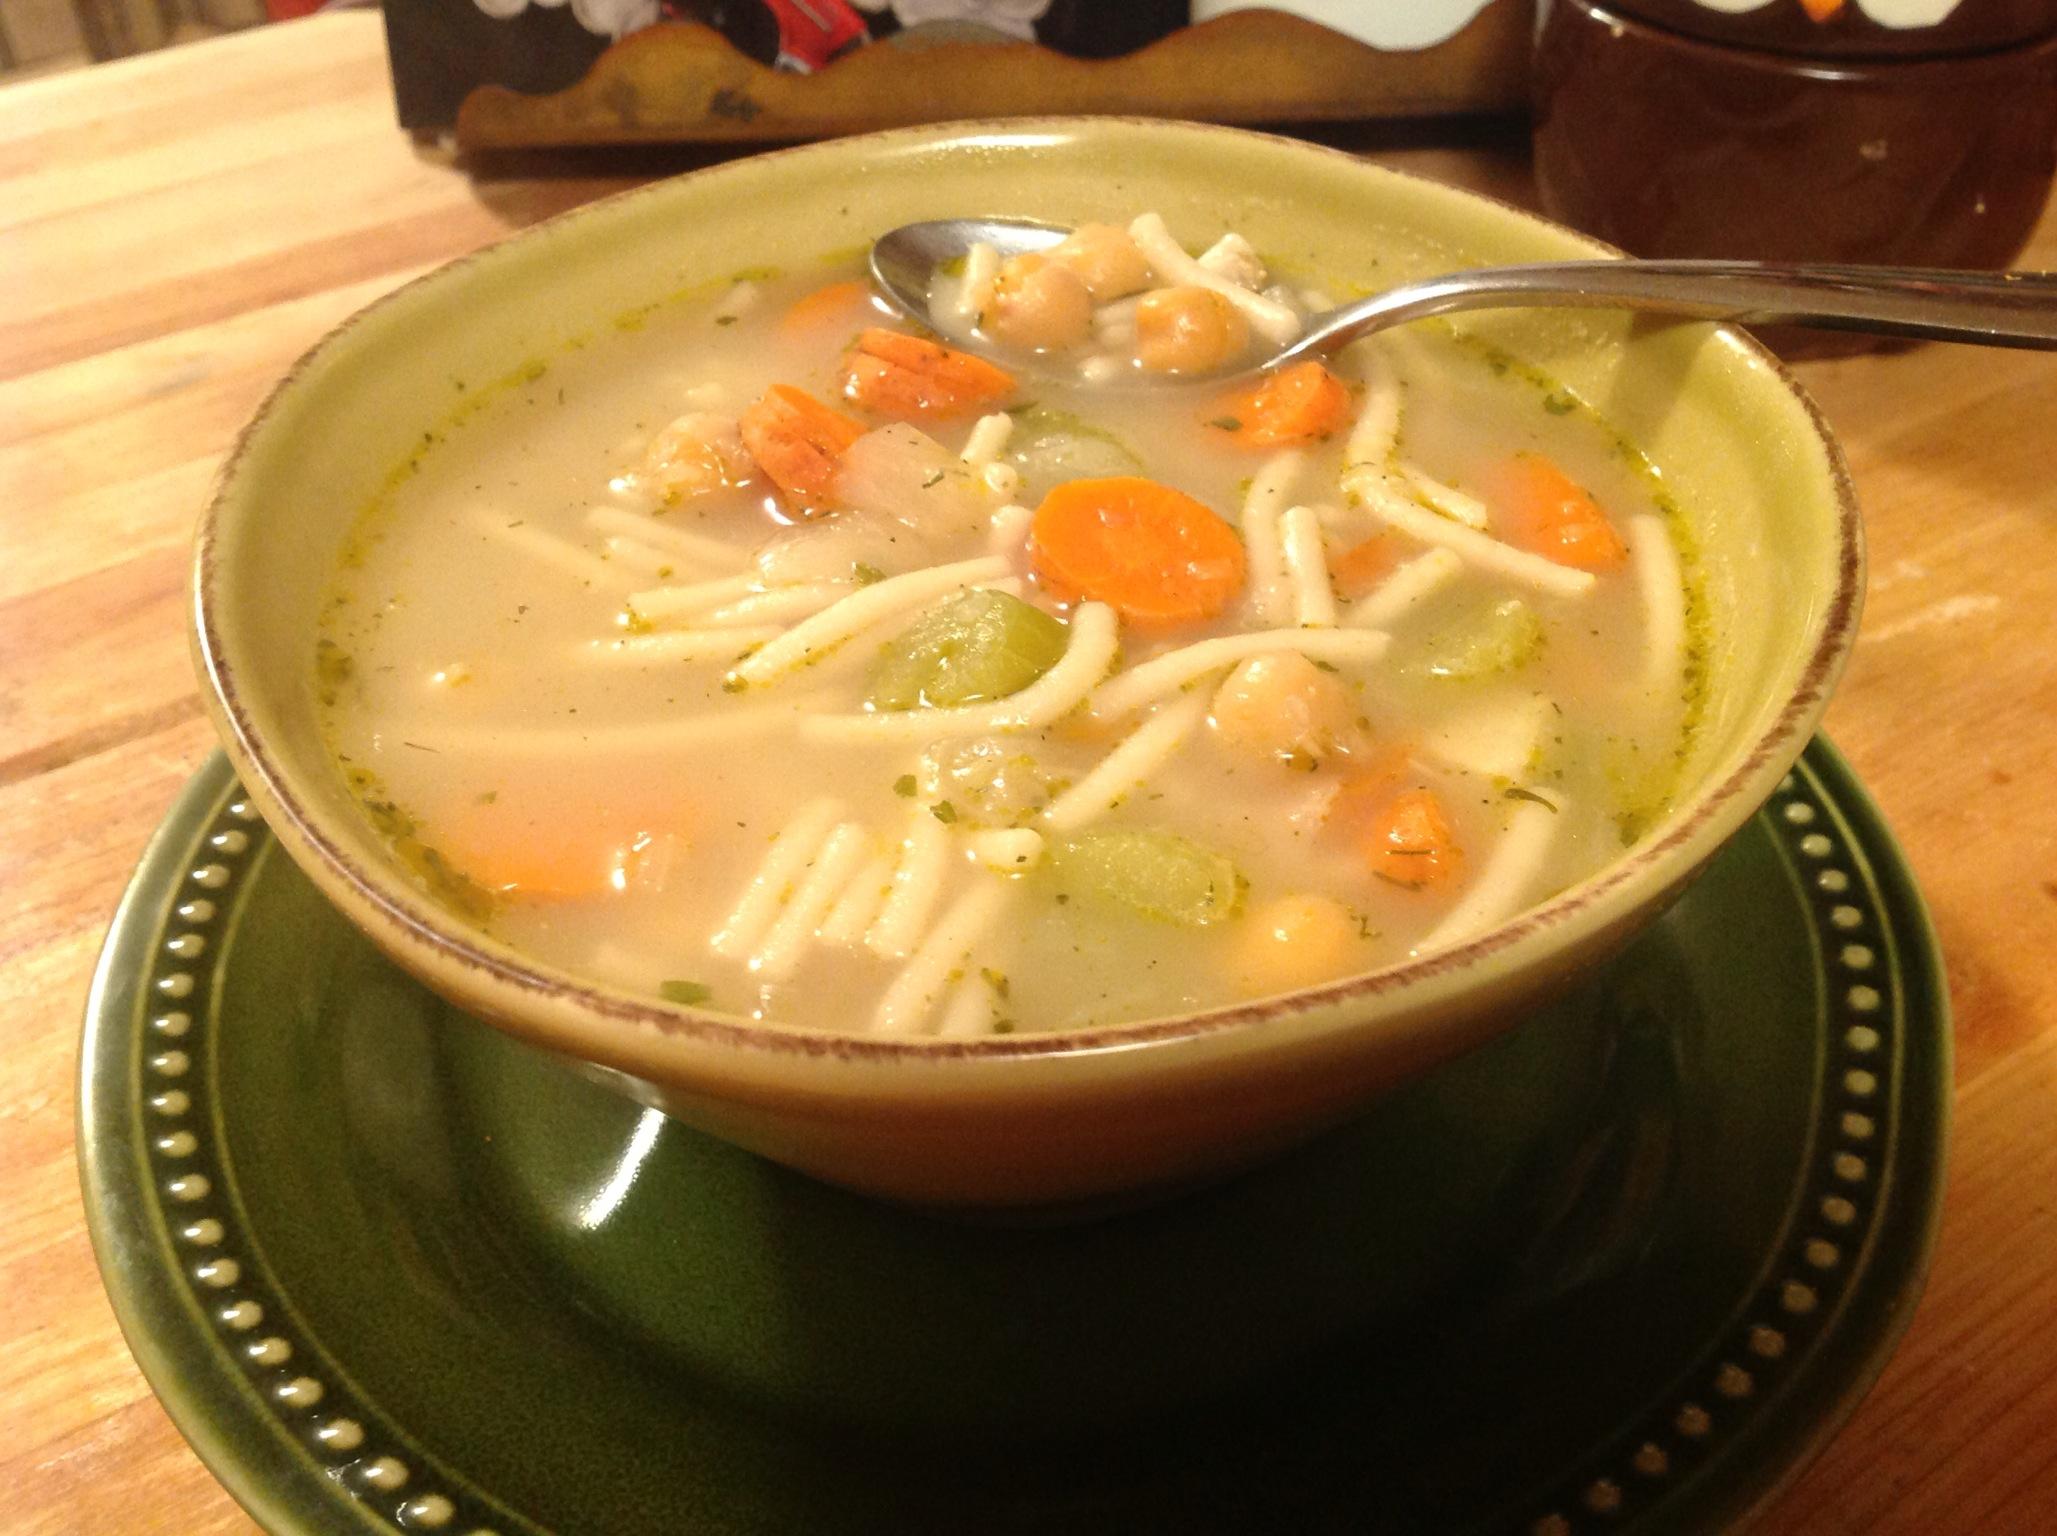 noodle soup seitan ch eitan noodle soup noodles img 1436 seitan noodle ...